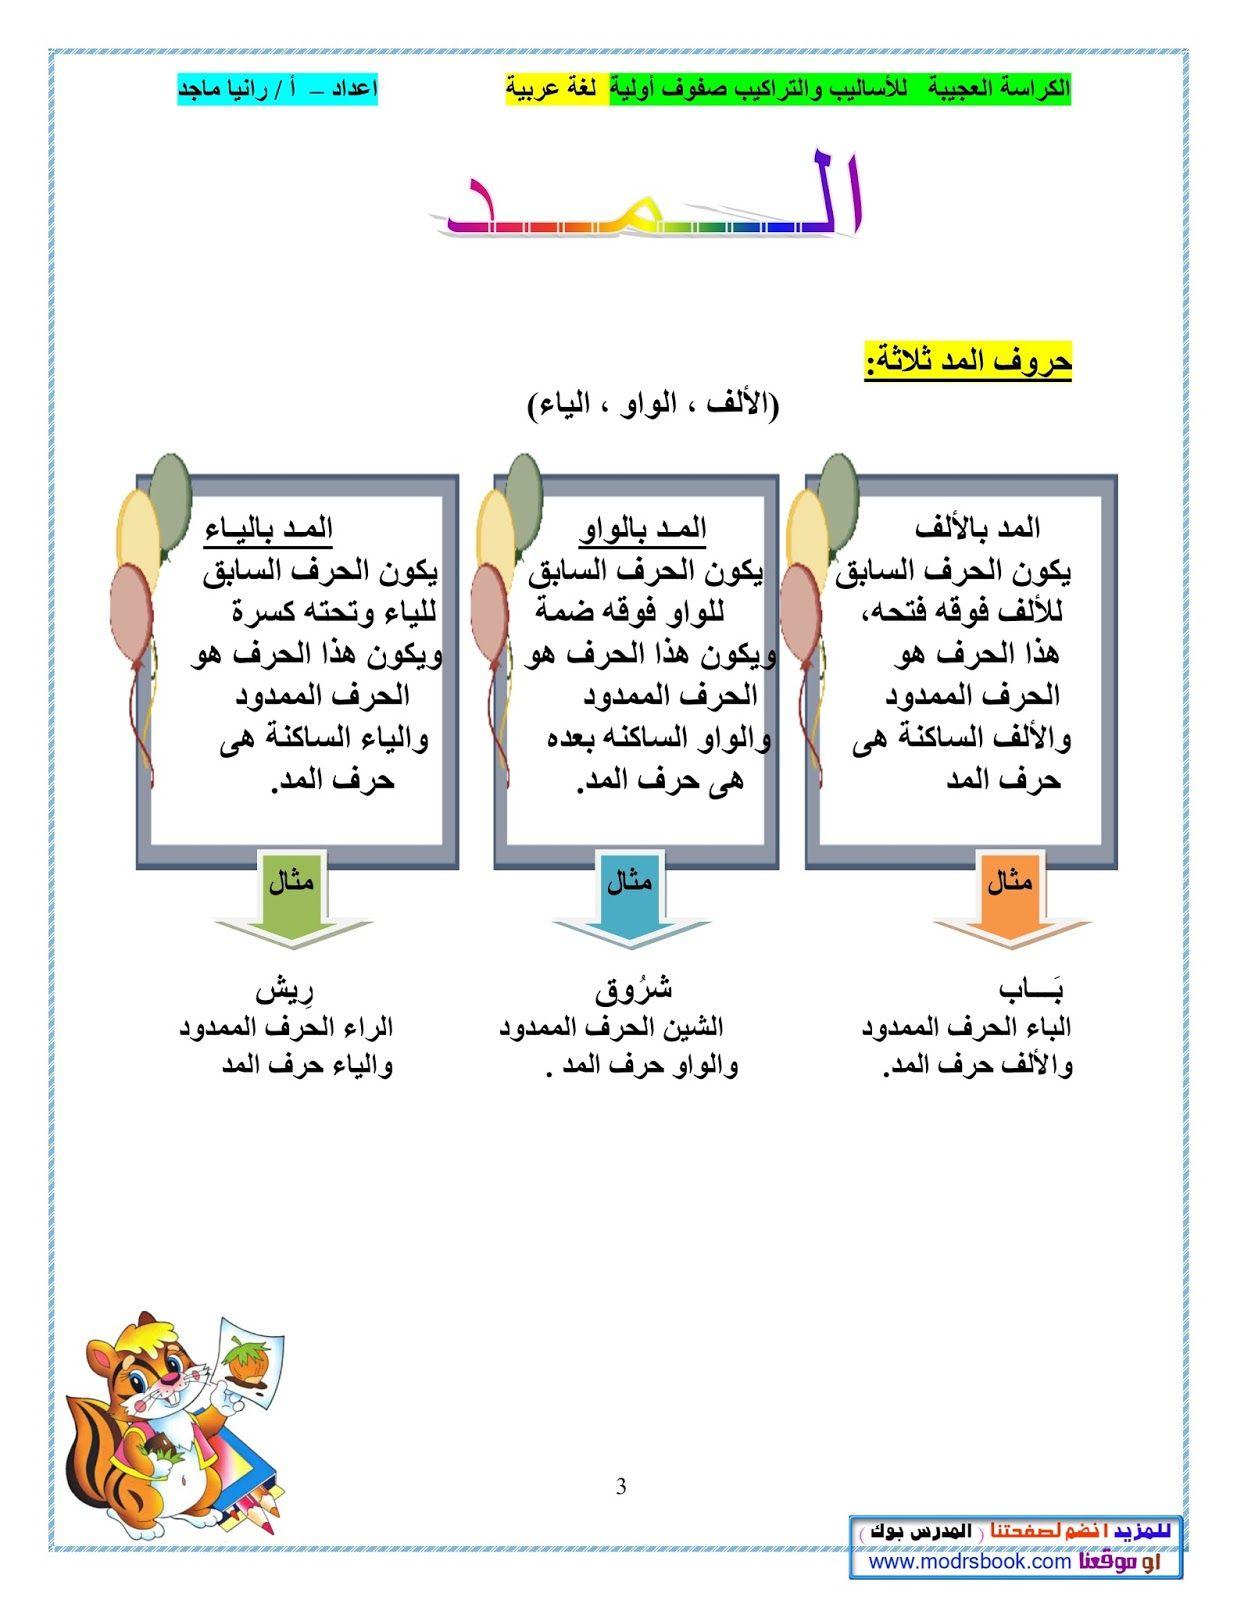 تعليم النحو للأطفال Pdf Education English Grammar Bullet Journal